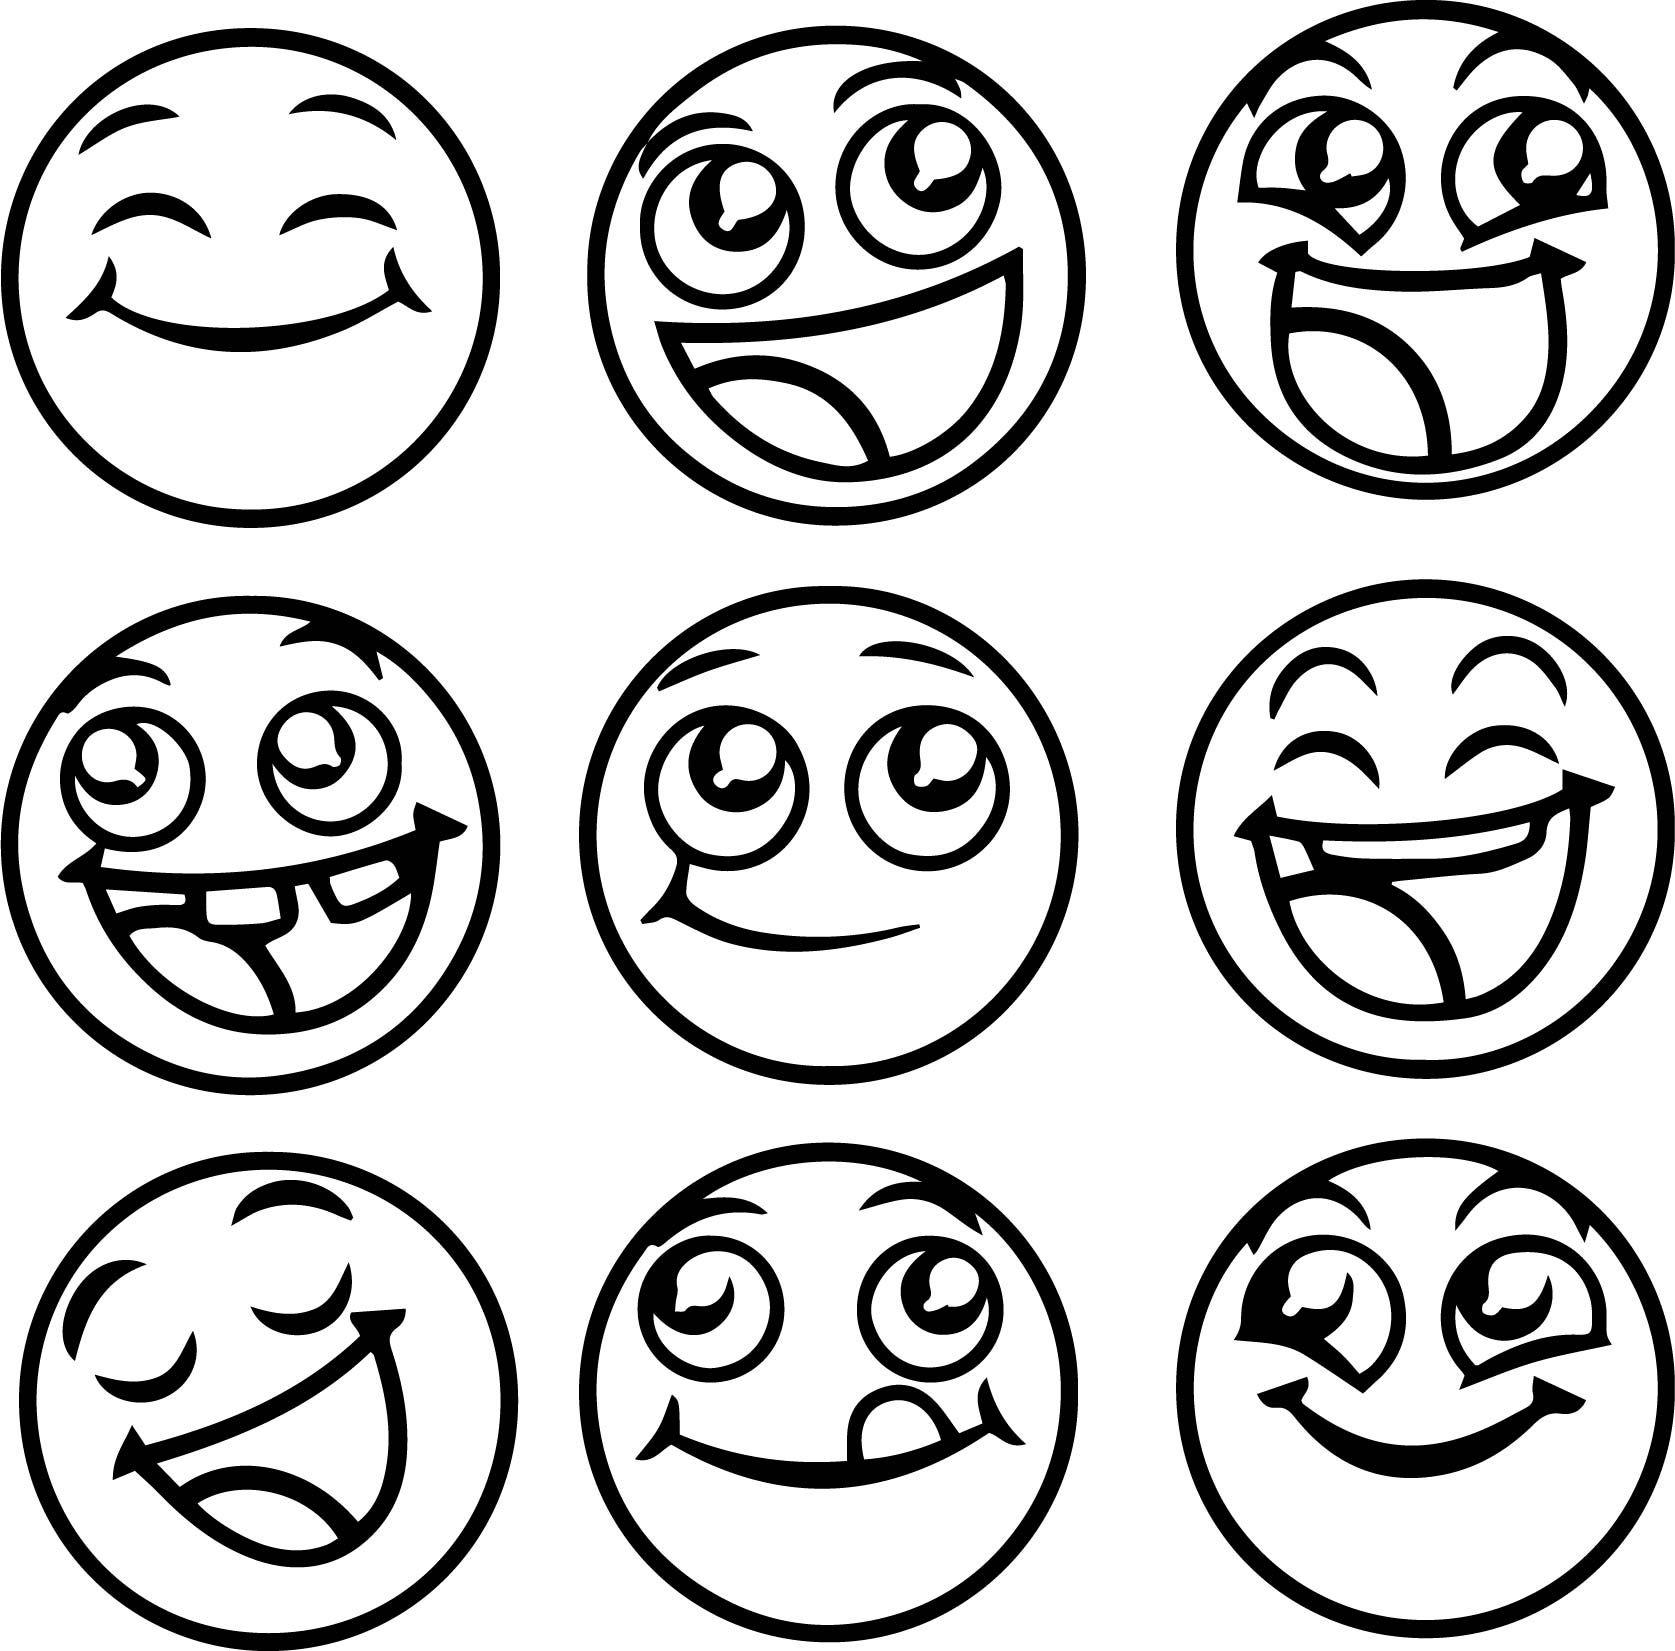 Happy Emoticons All Coloring Page Emoji Coloring Pages Printable Coloring Pages Coloring Pages